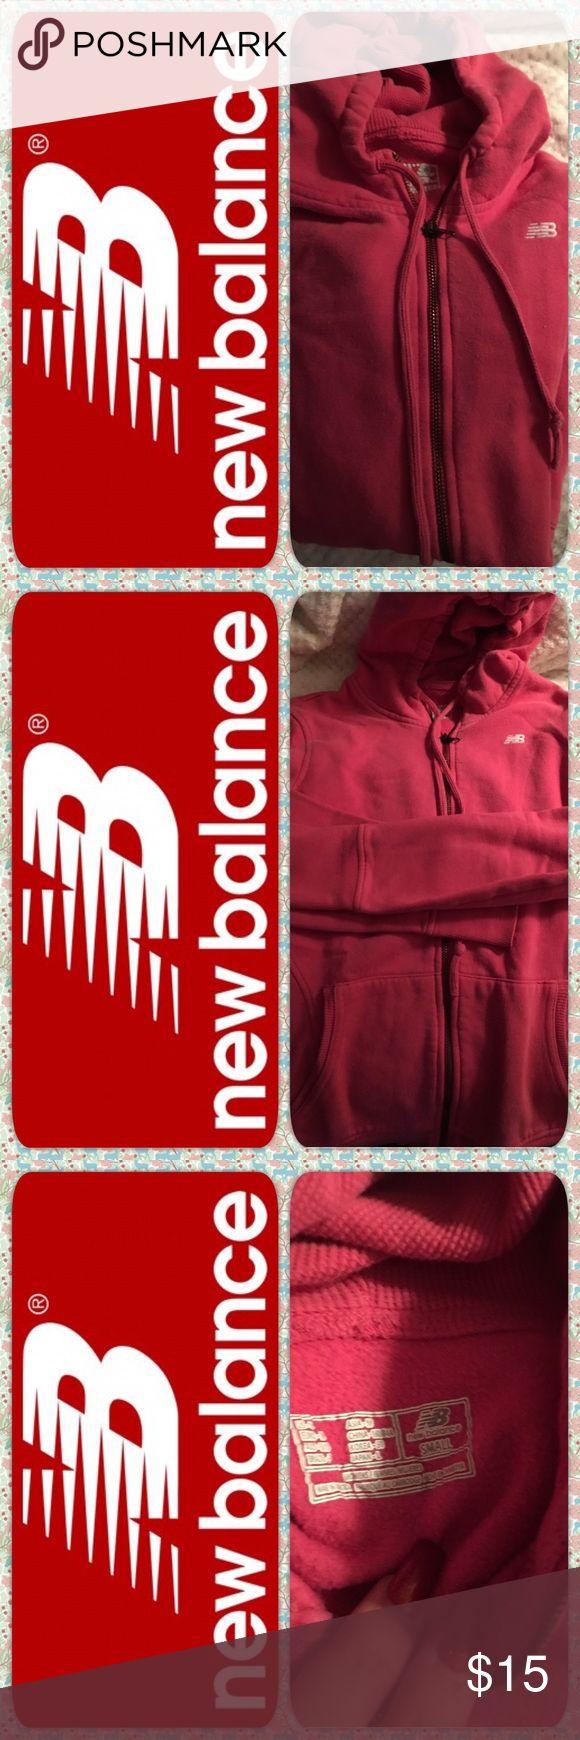 New Balance zip up hoodie sweatshirt Pink zip up sweatshirt in excellent used condition. New Balance Tops